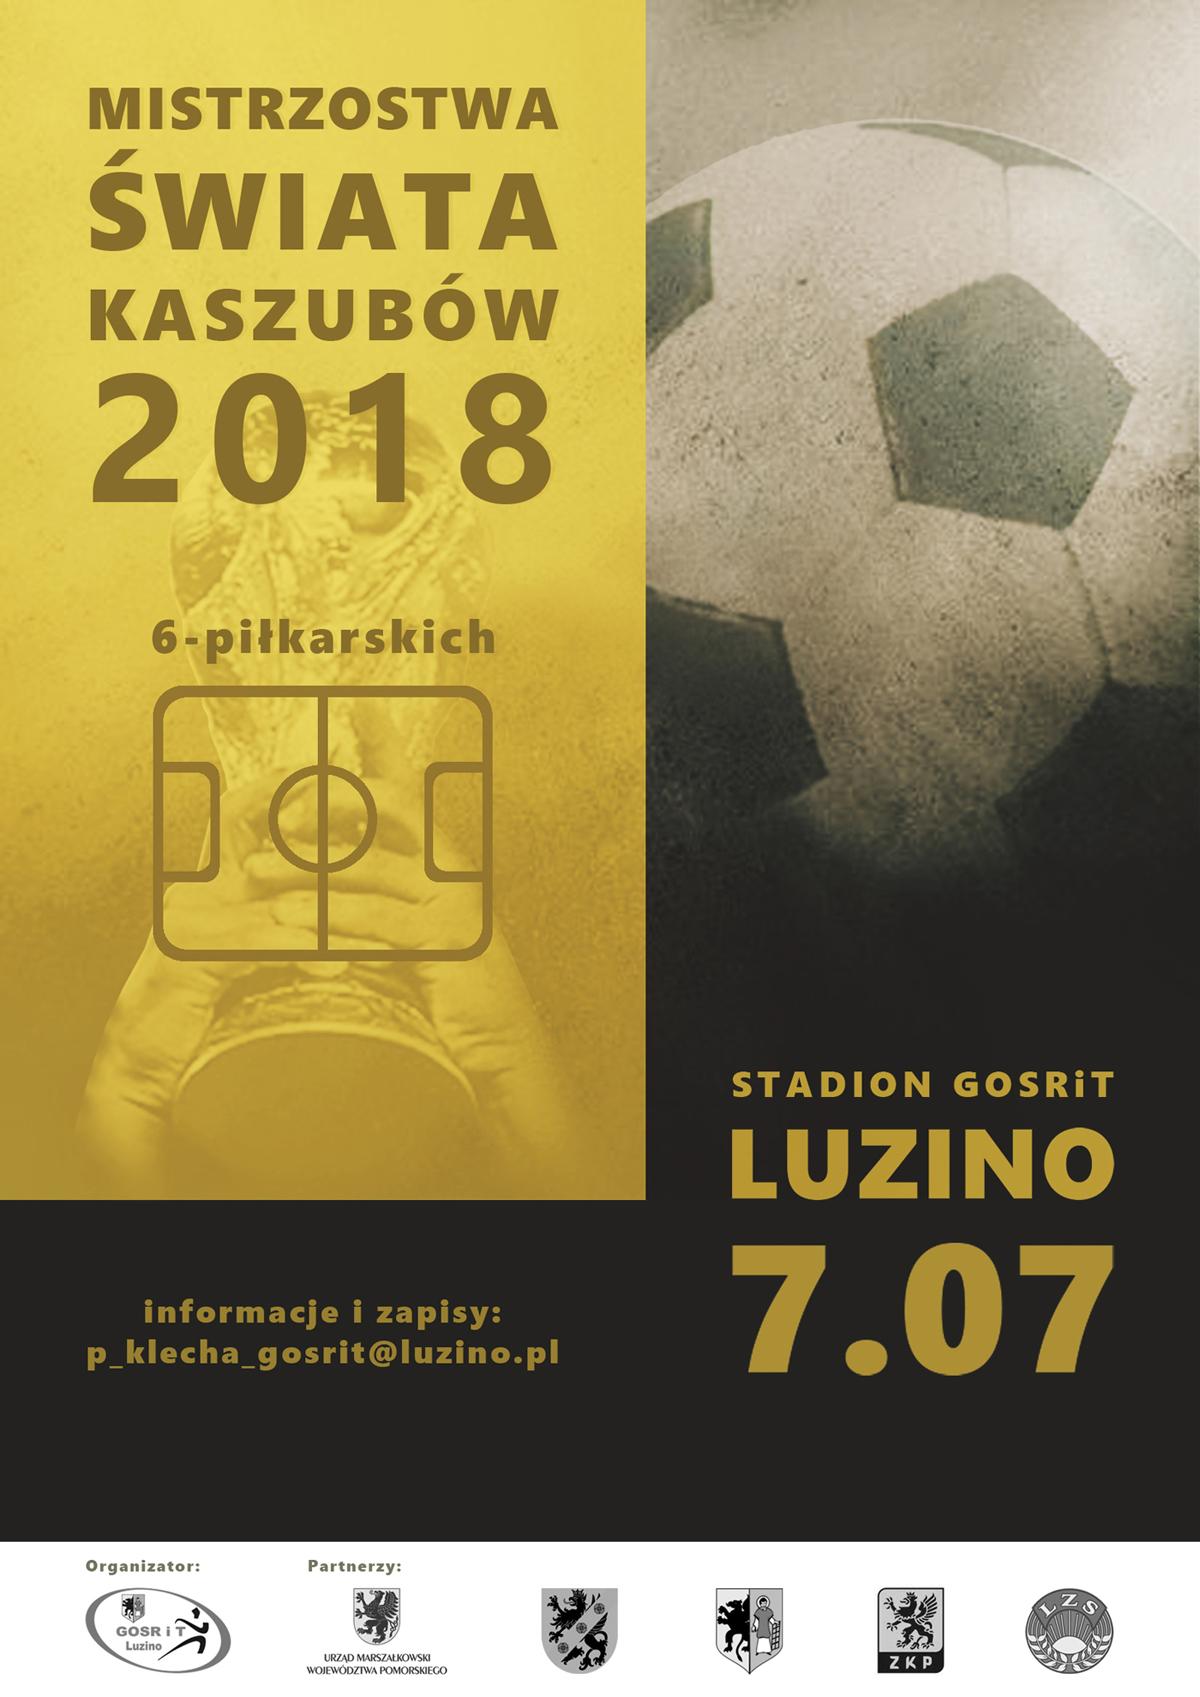 Luzino zaprasza na IMistrzostwa Świata Kaszubów 6-piłkarskich